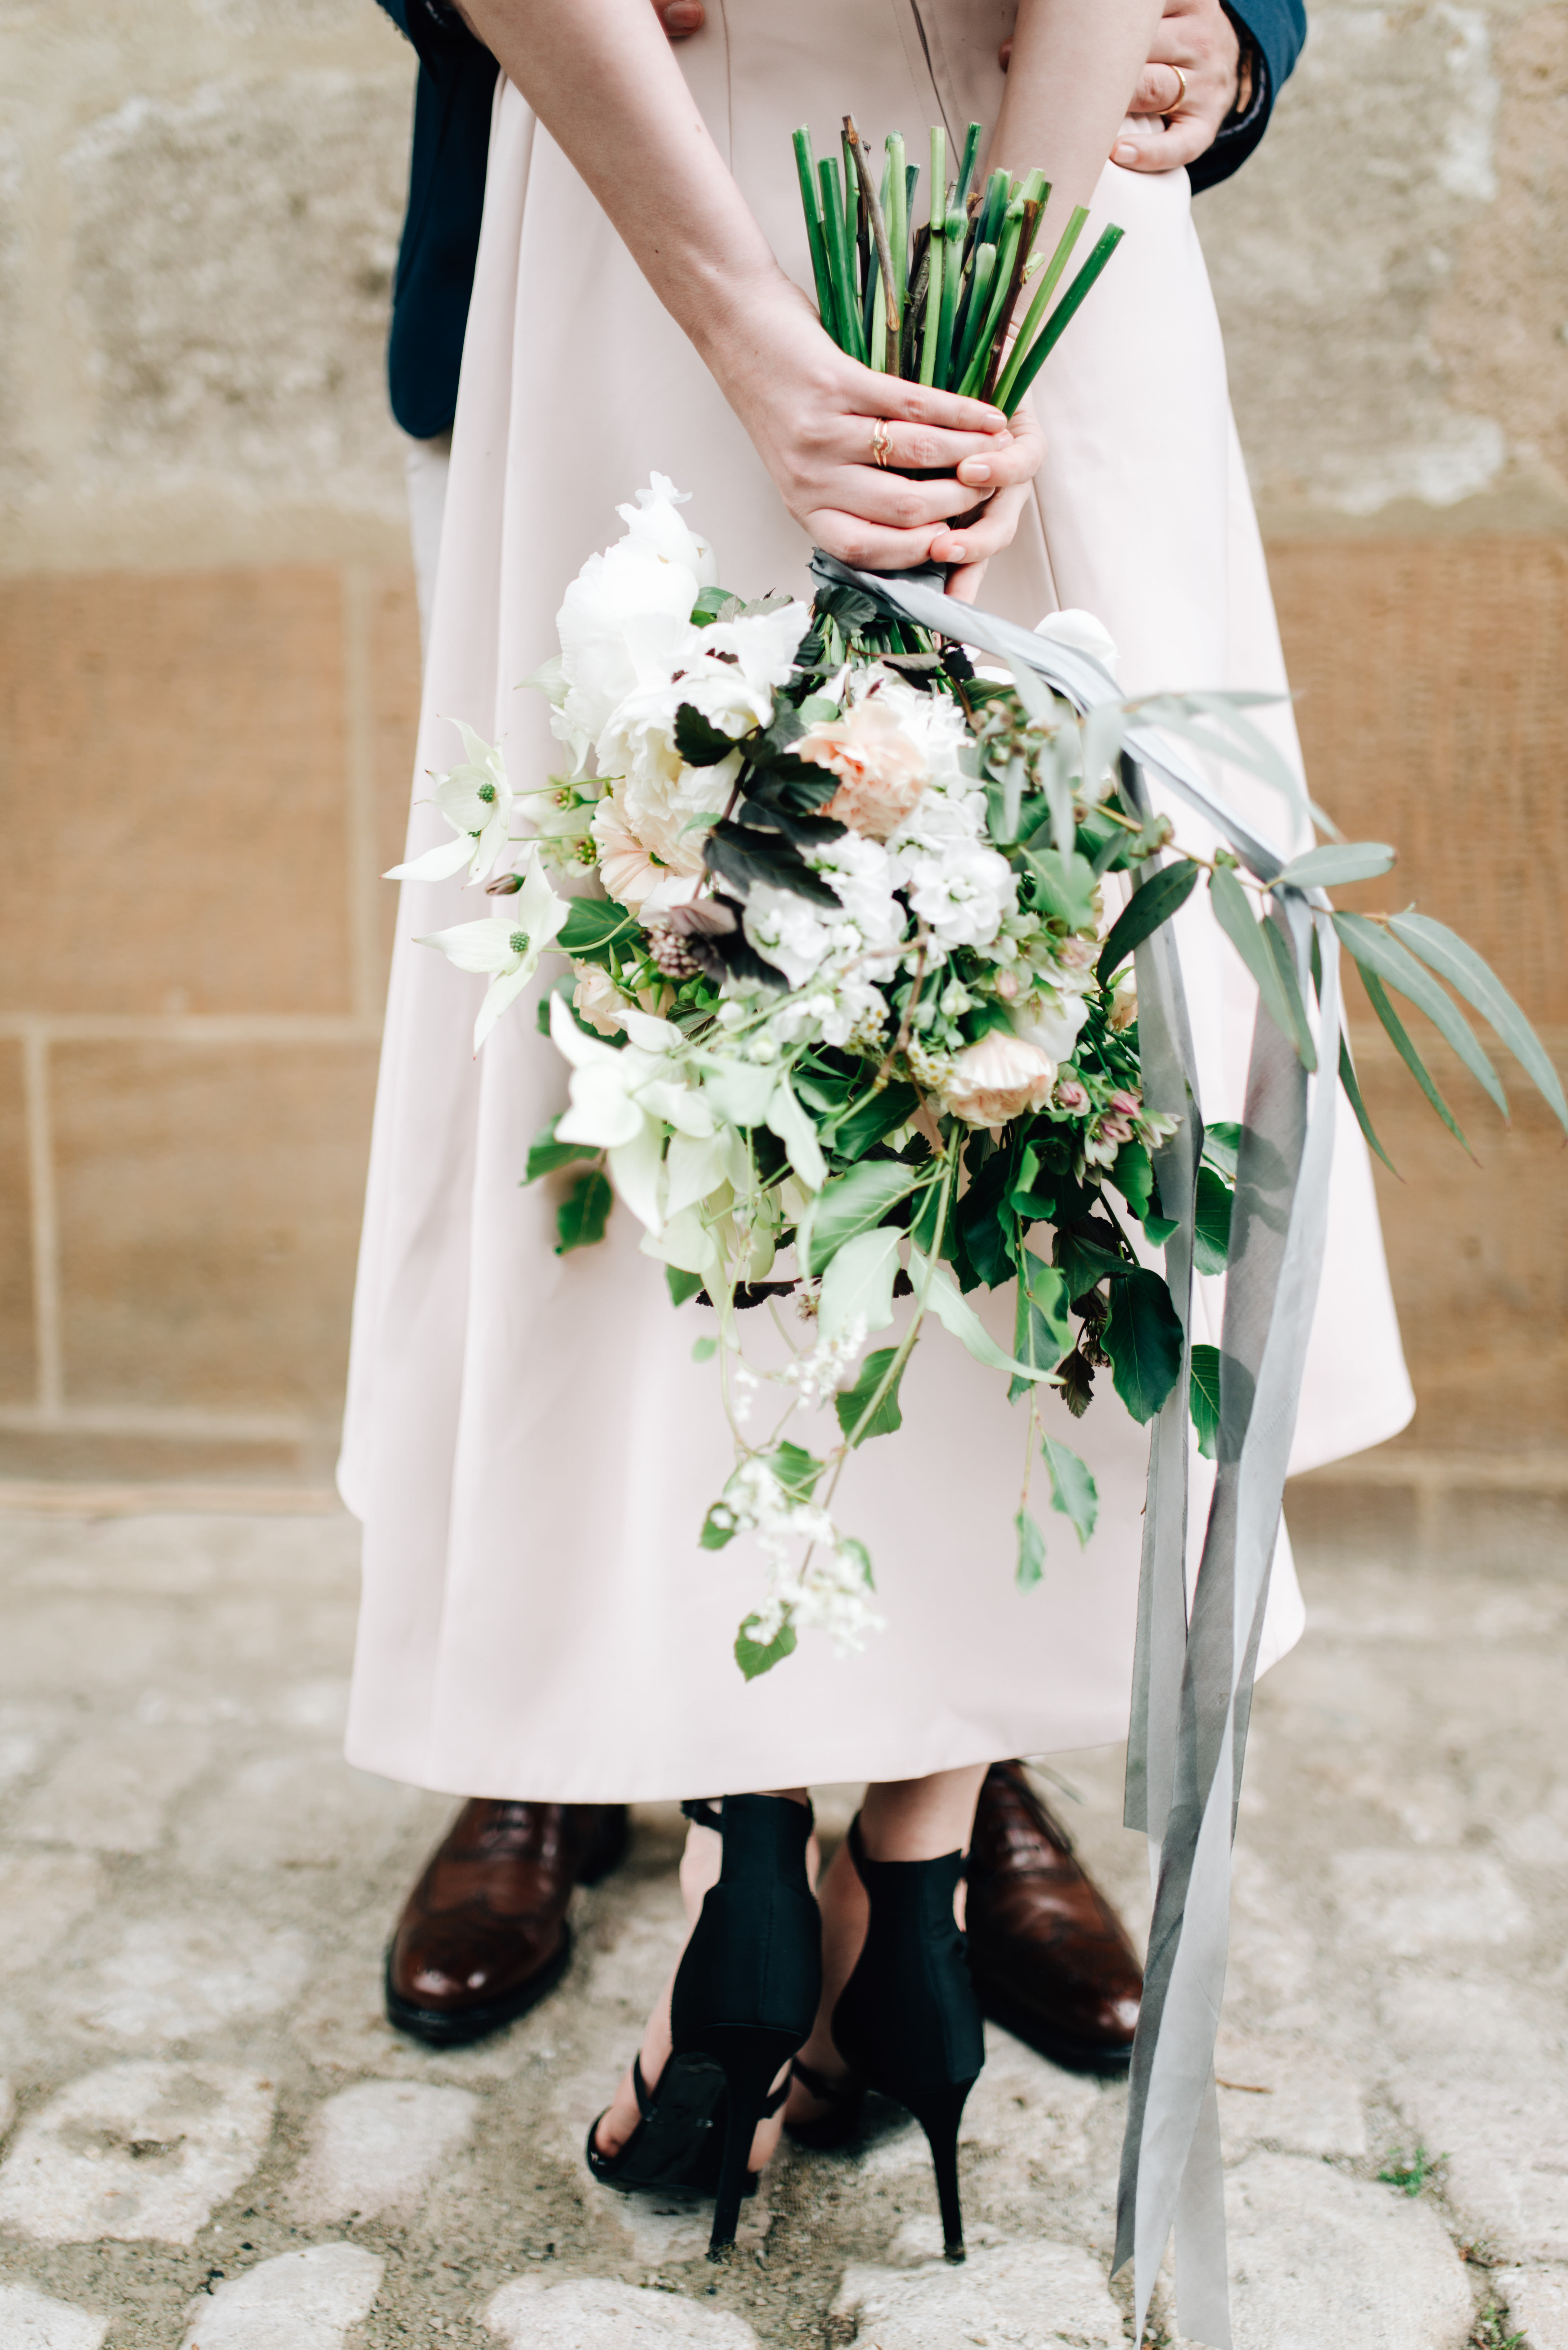 bride holding long-stemmed bouquet behind her back